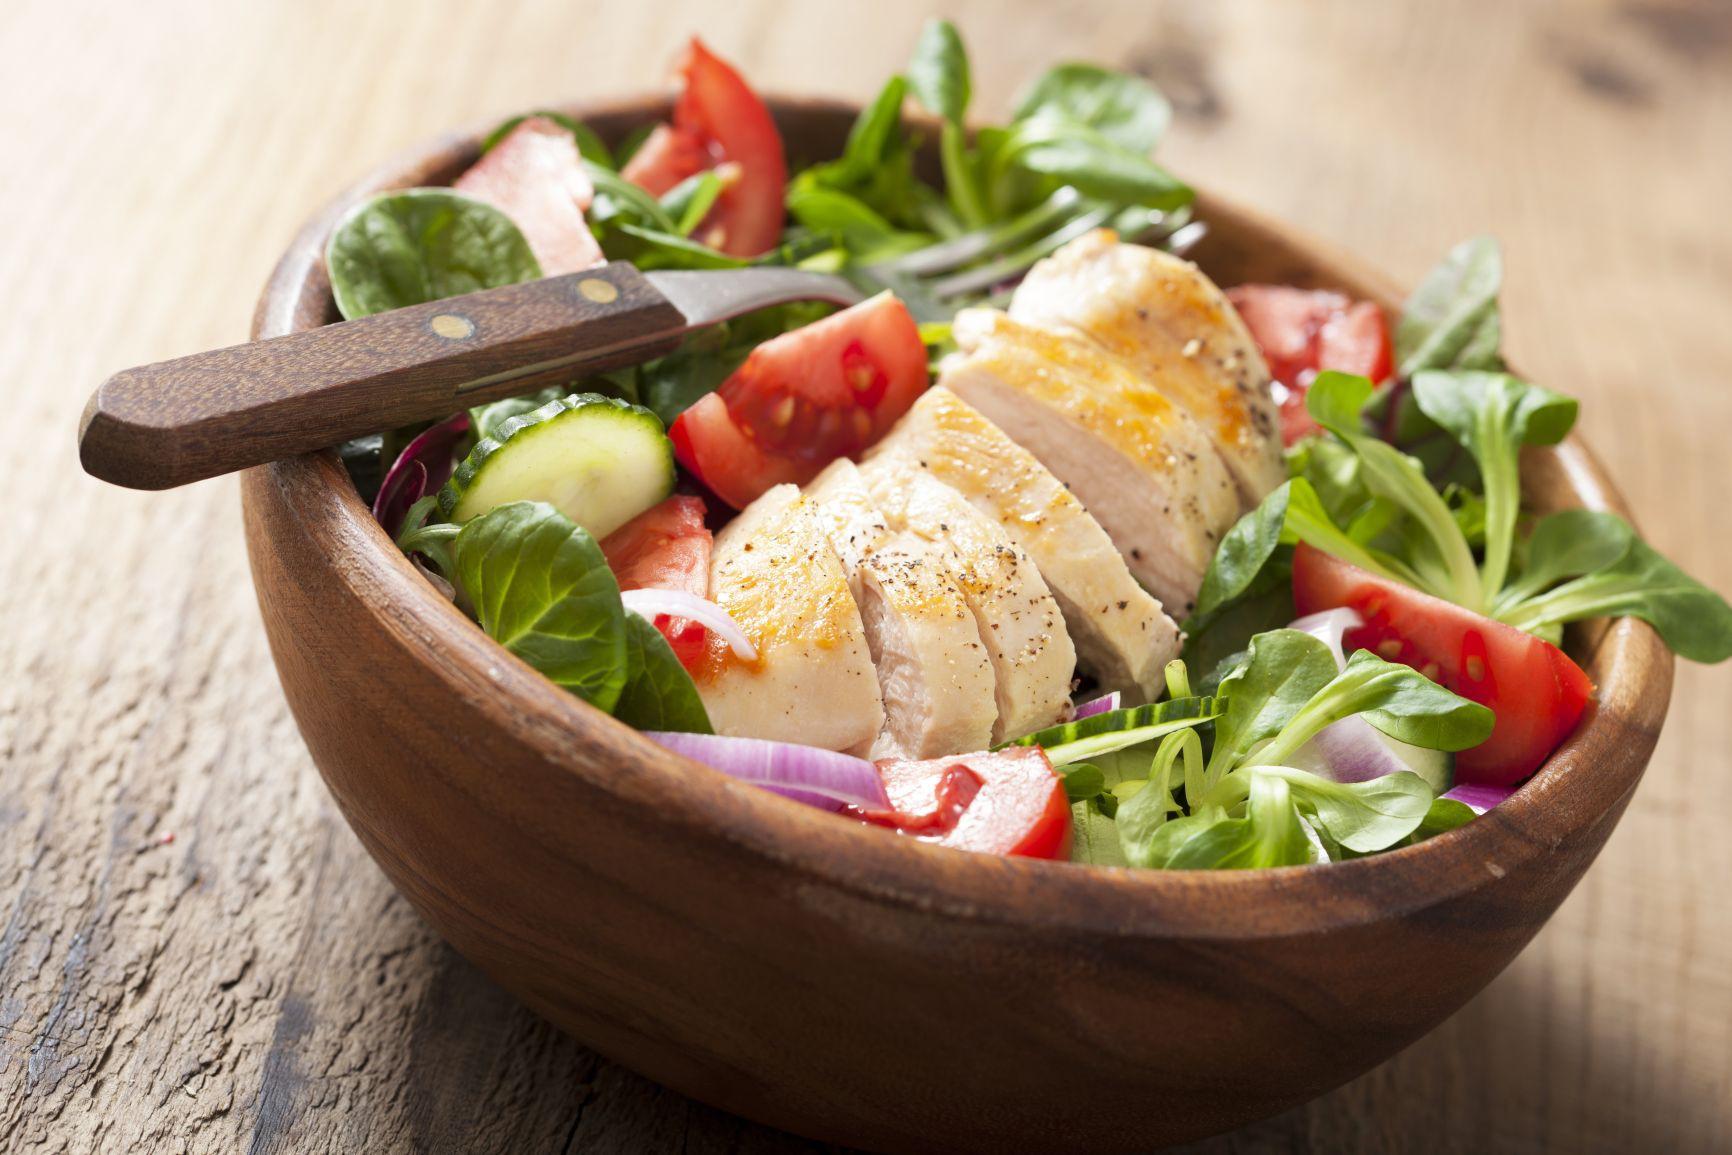 Bí quyết ăn uống ngày Tết để thoải mái ăn thịt mà không lo tăng cân - Ảnh 2.